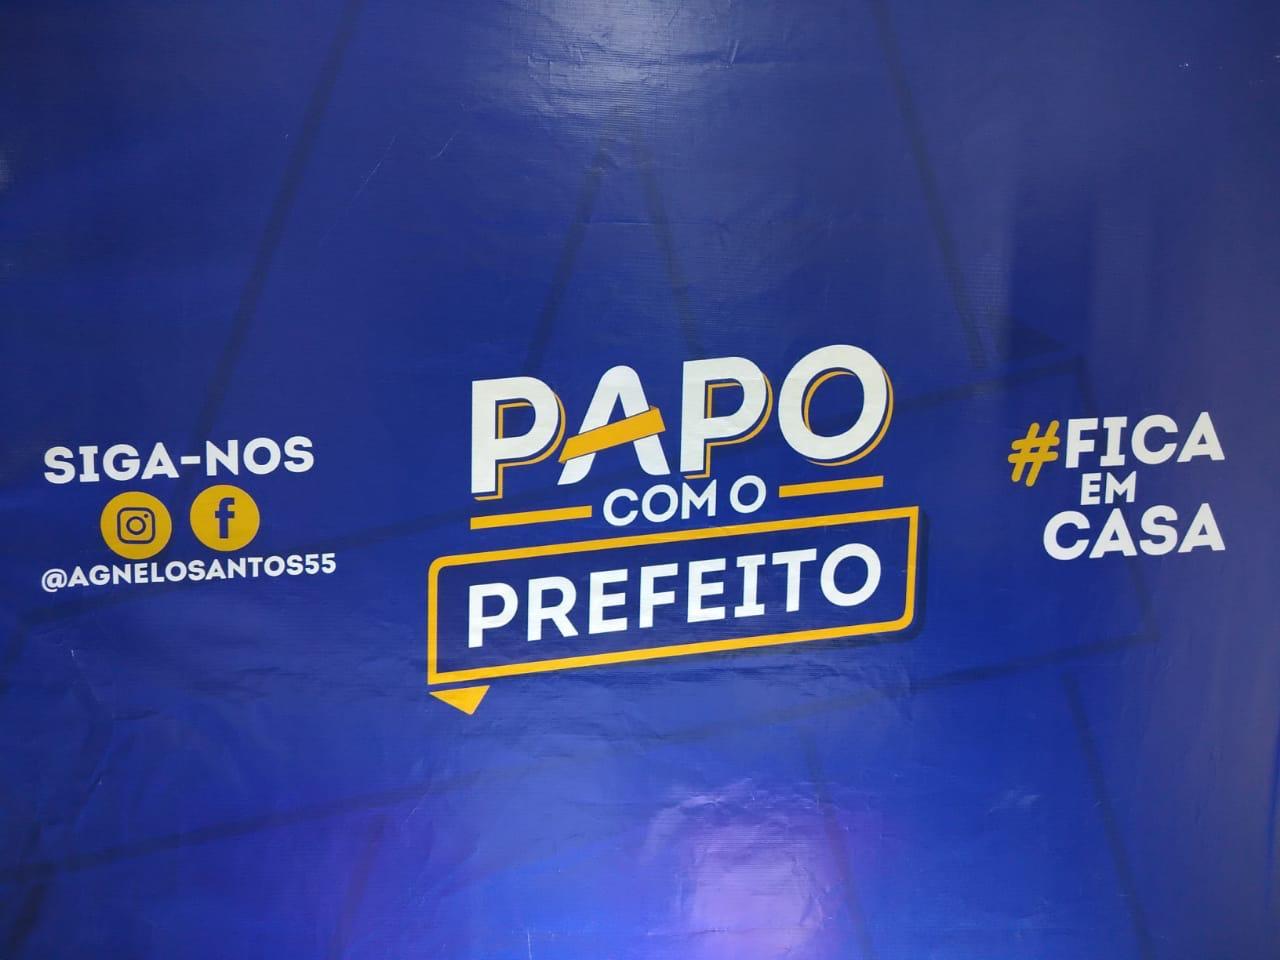 LIVE PAPO COM O PREFEITO AO VIVO